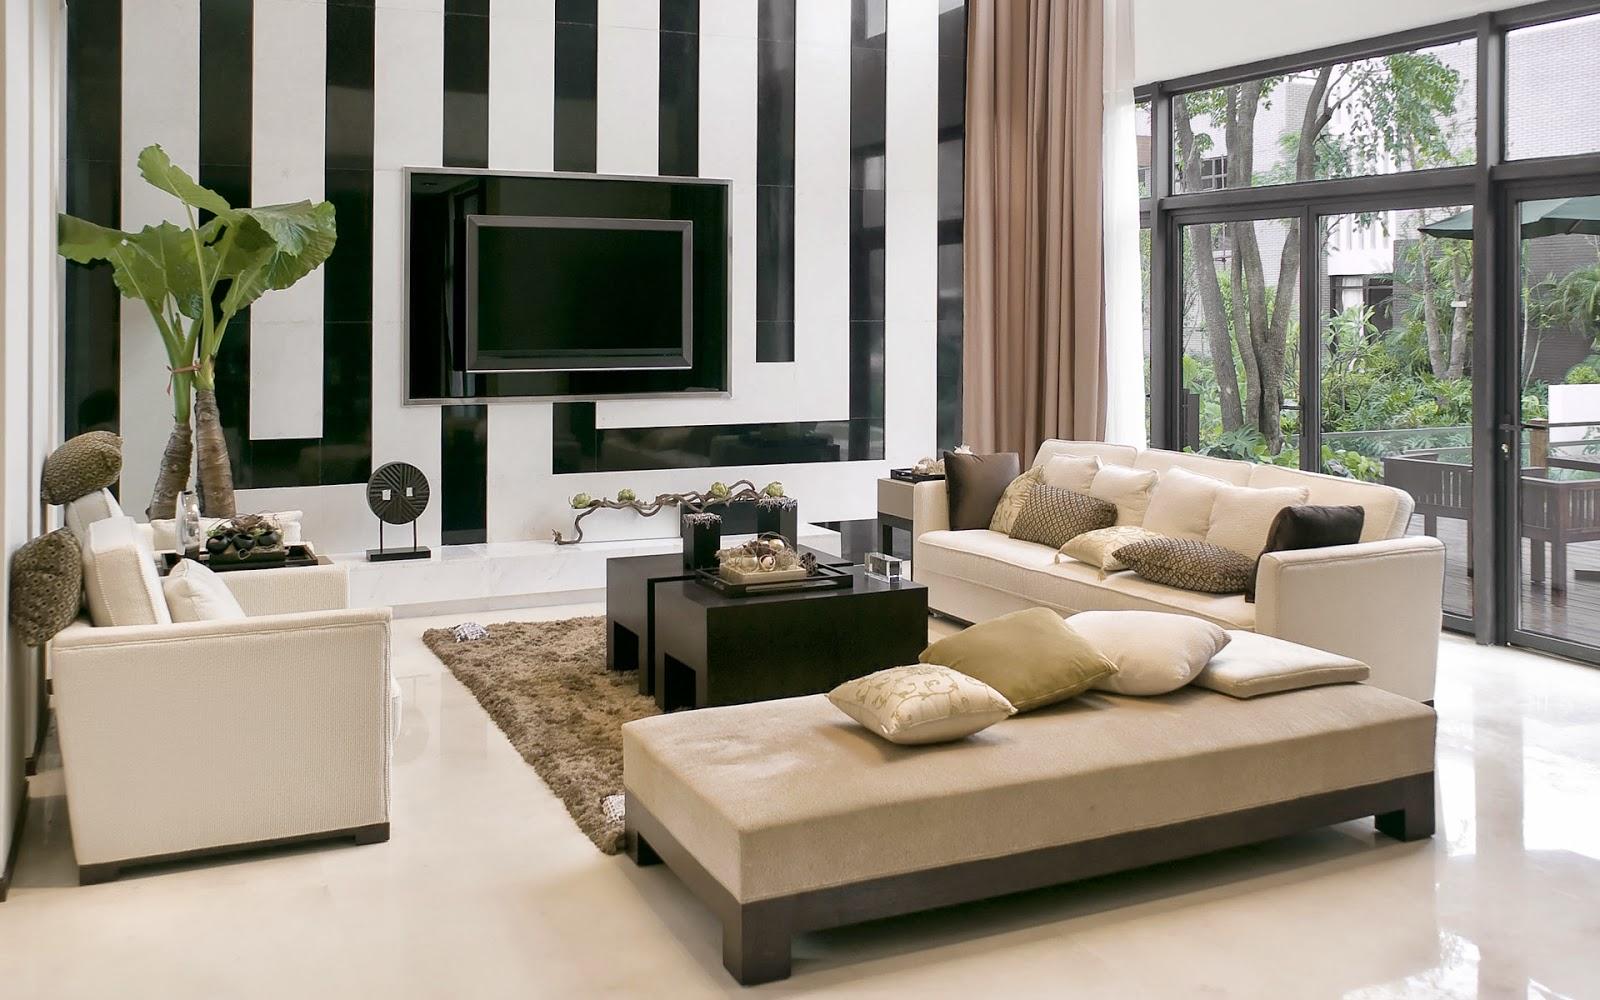 Id es de peinture pour un salon id es d co moderne - Idee de couleur pour un salon ...